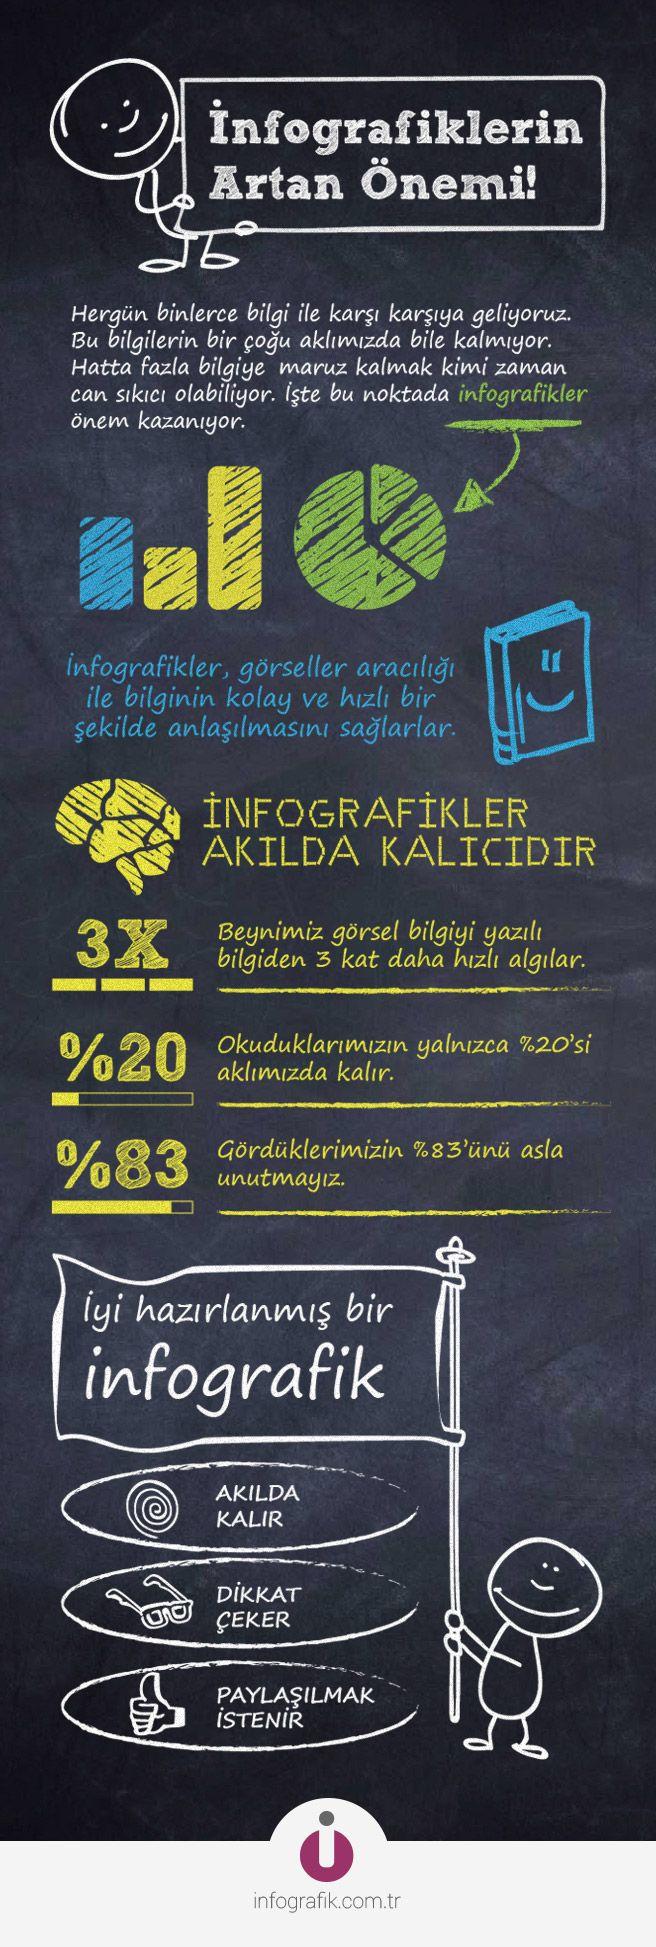 İnfografiklerin Artan Önemi! #infographics #infografik